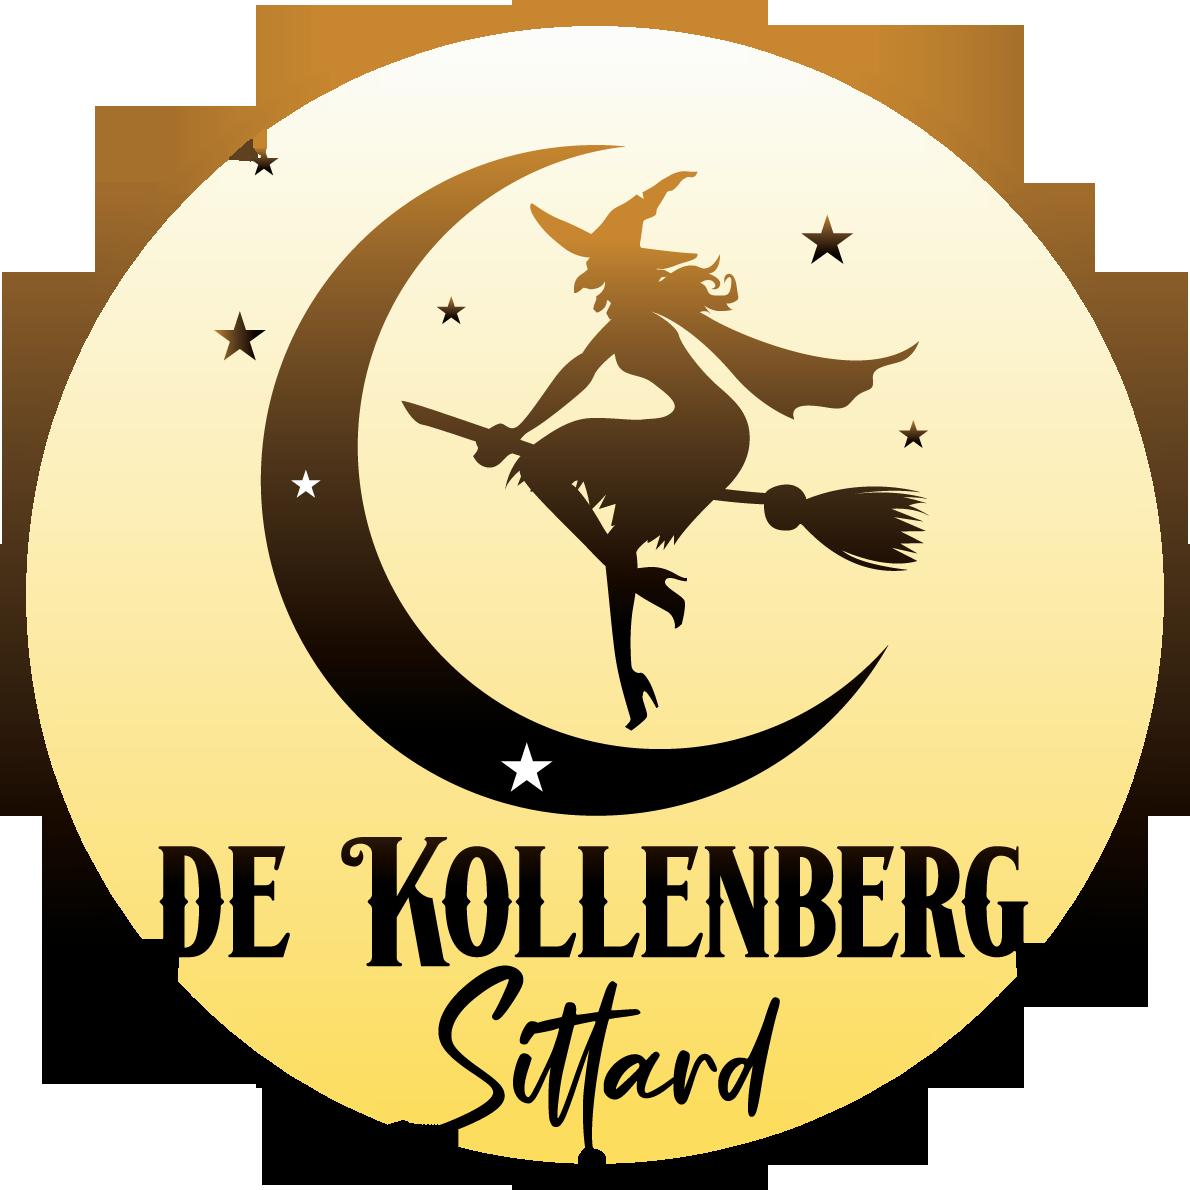 De Kollenberg